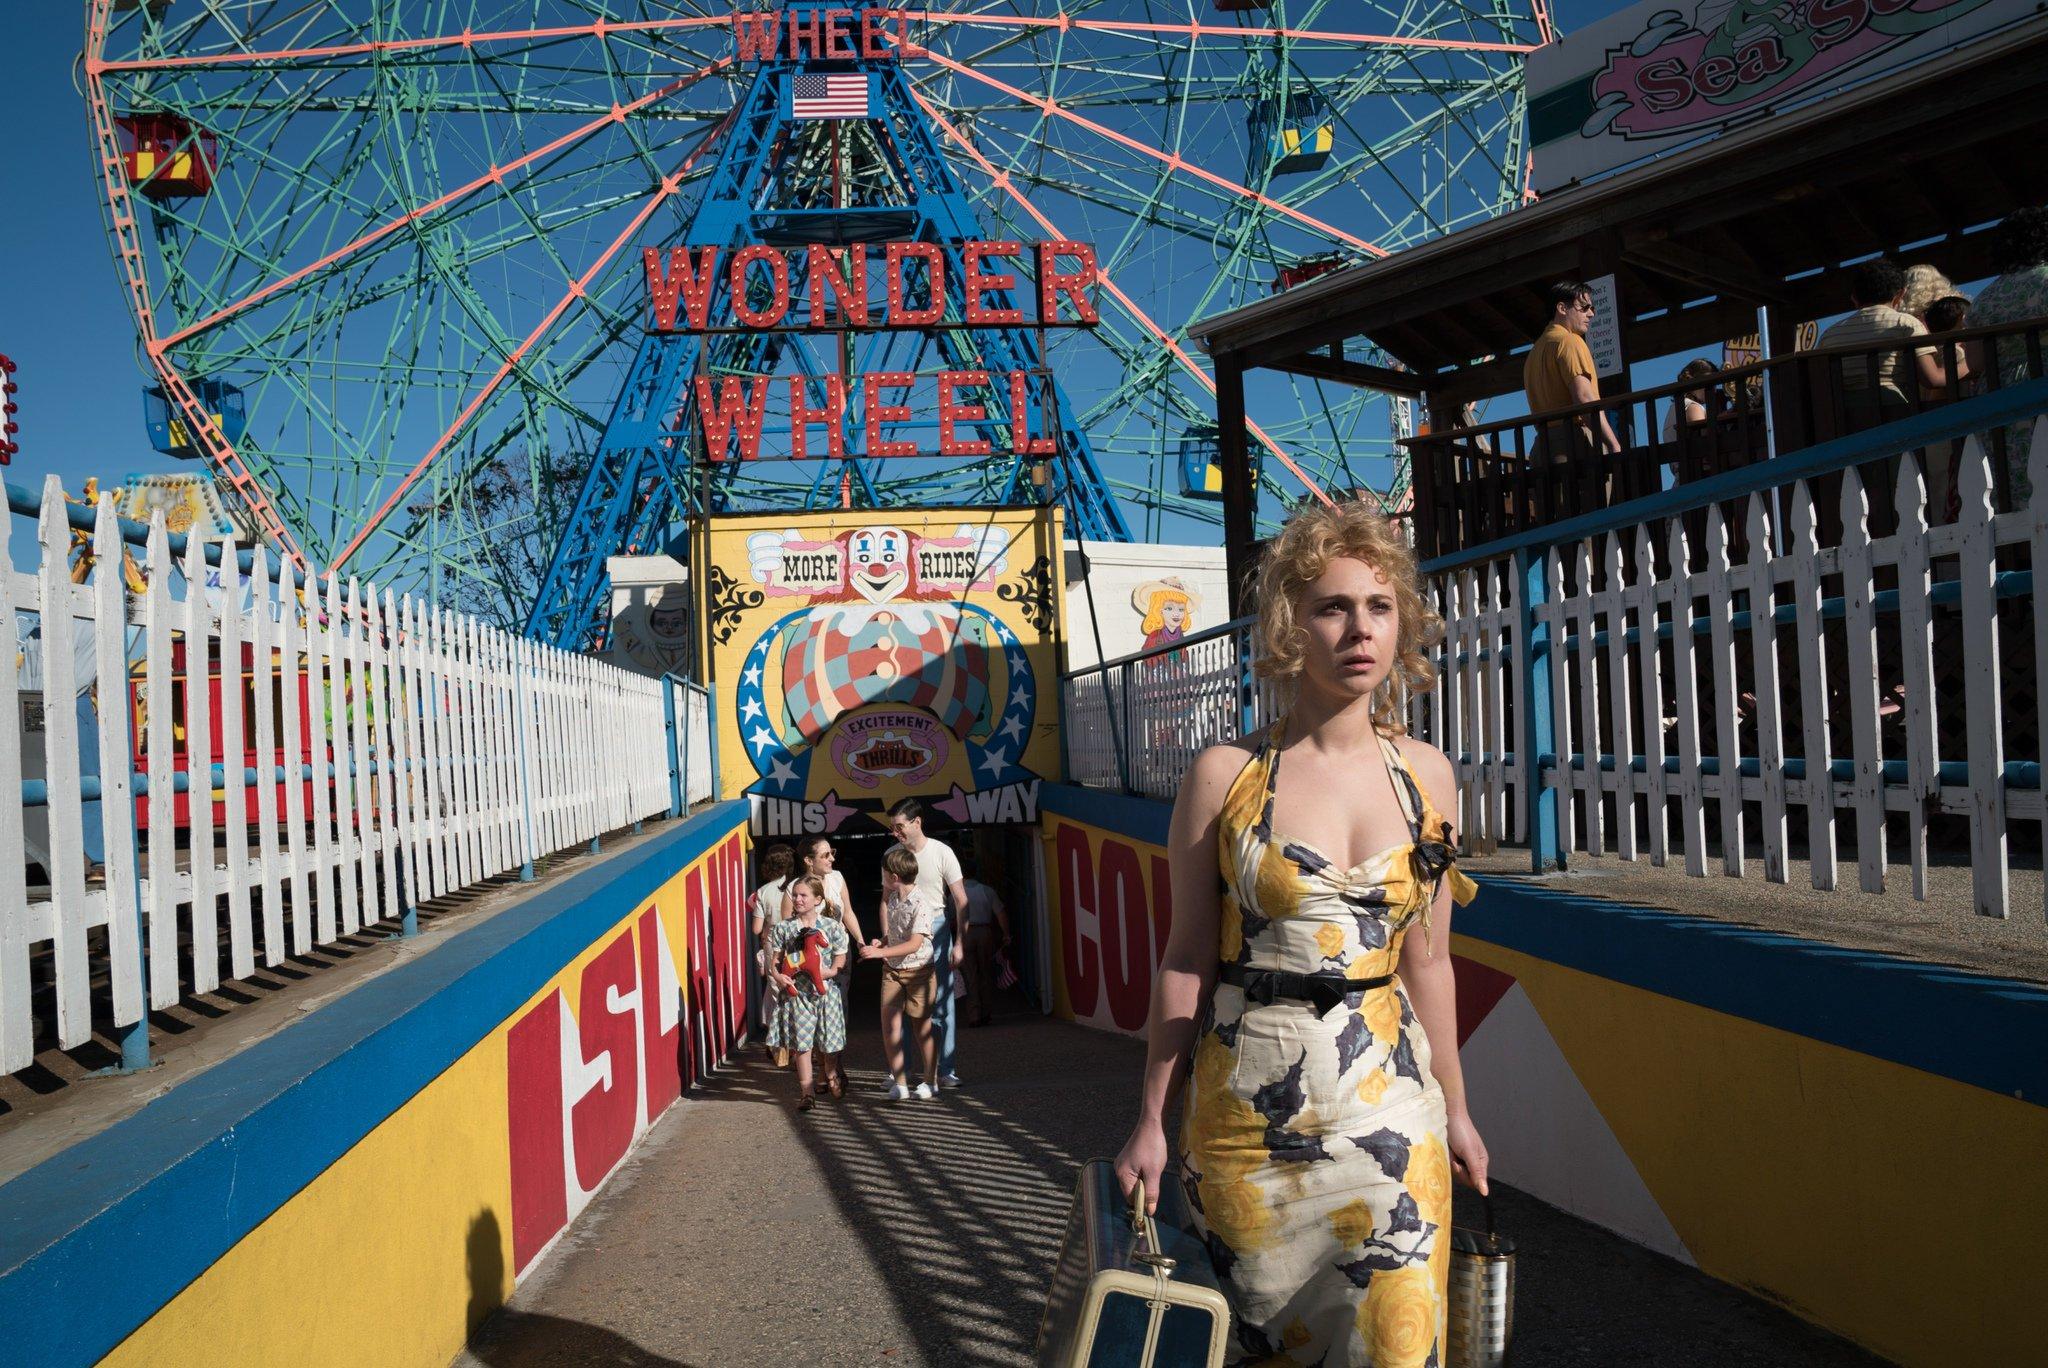 01wonderwheel-web-superjumbo_1.jpg